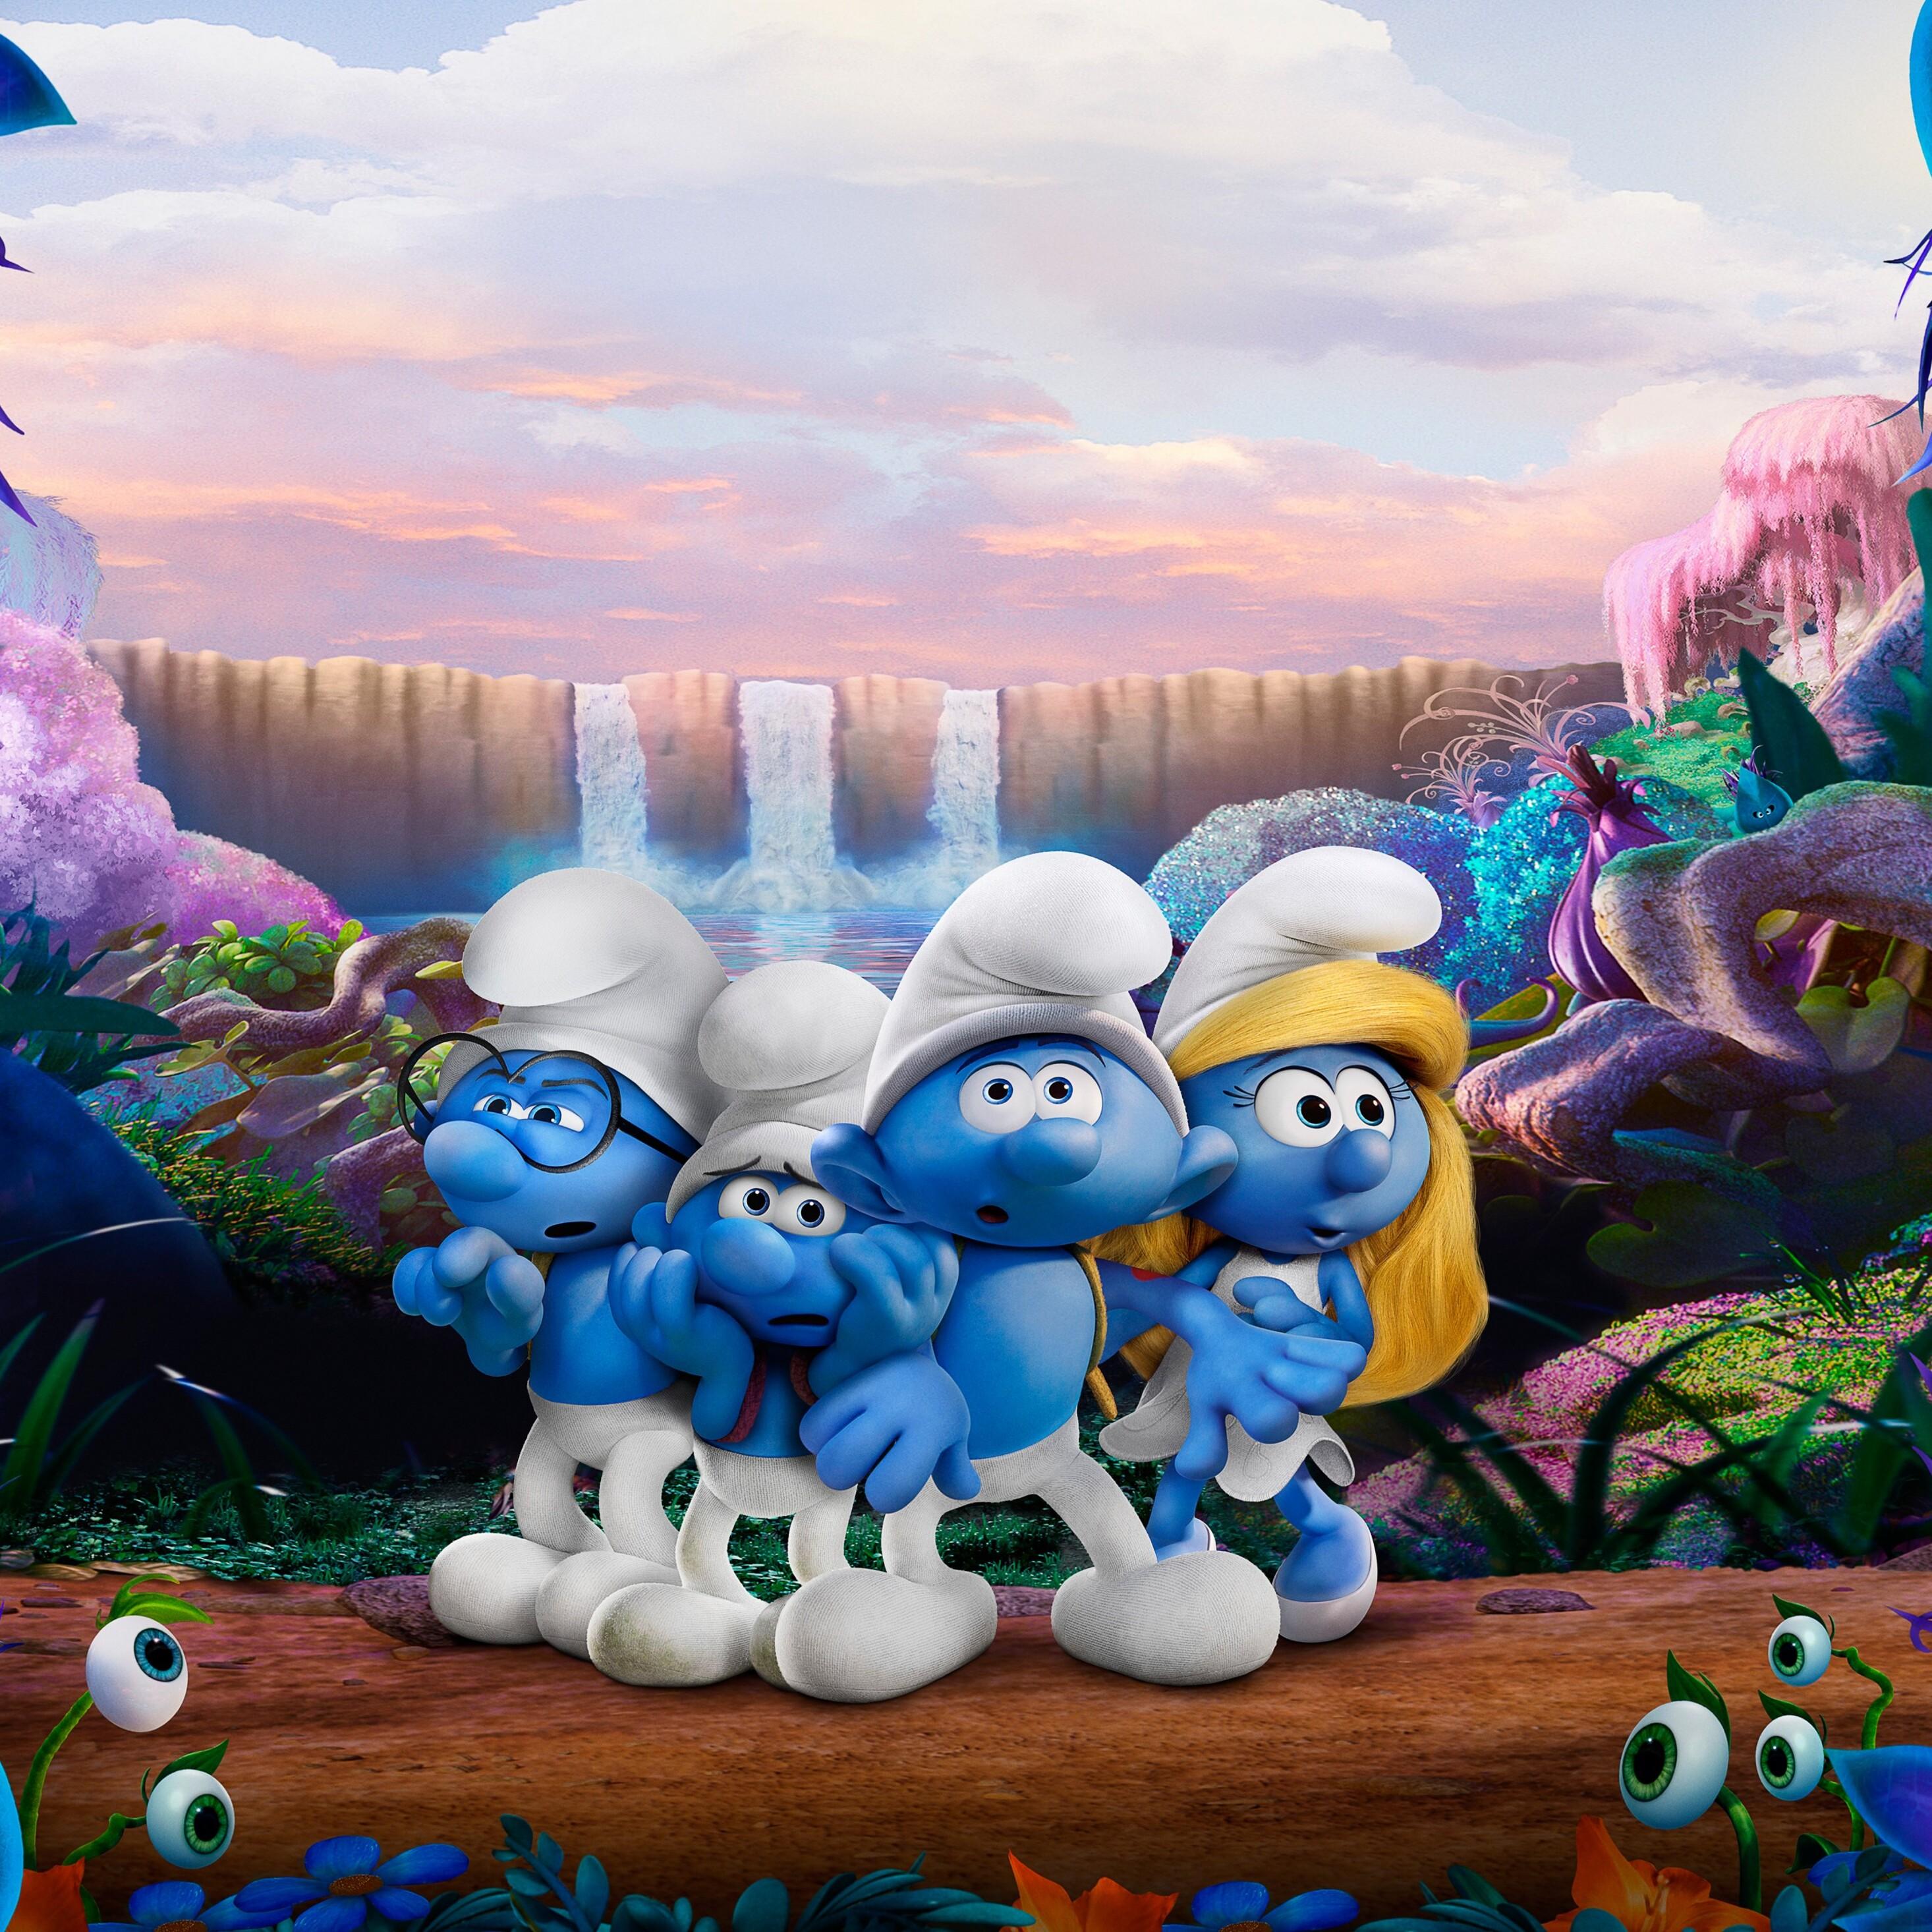 2932x2932 Smurfs The Lost Village 4k 5k Ipad Pro Retina ...